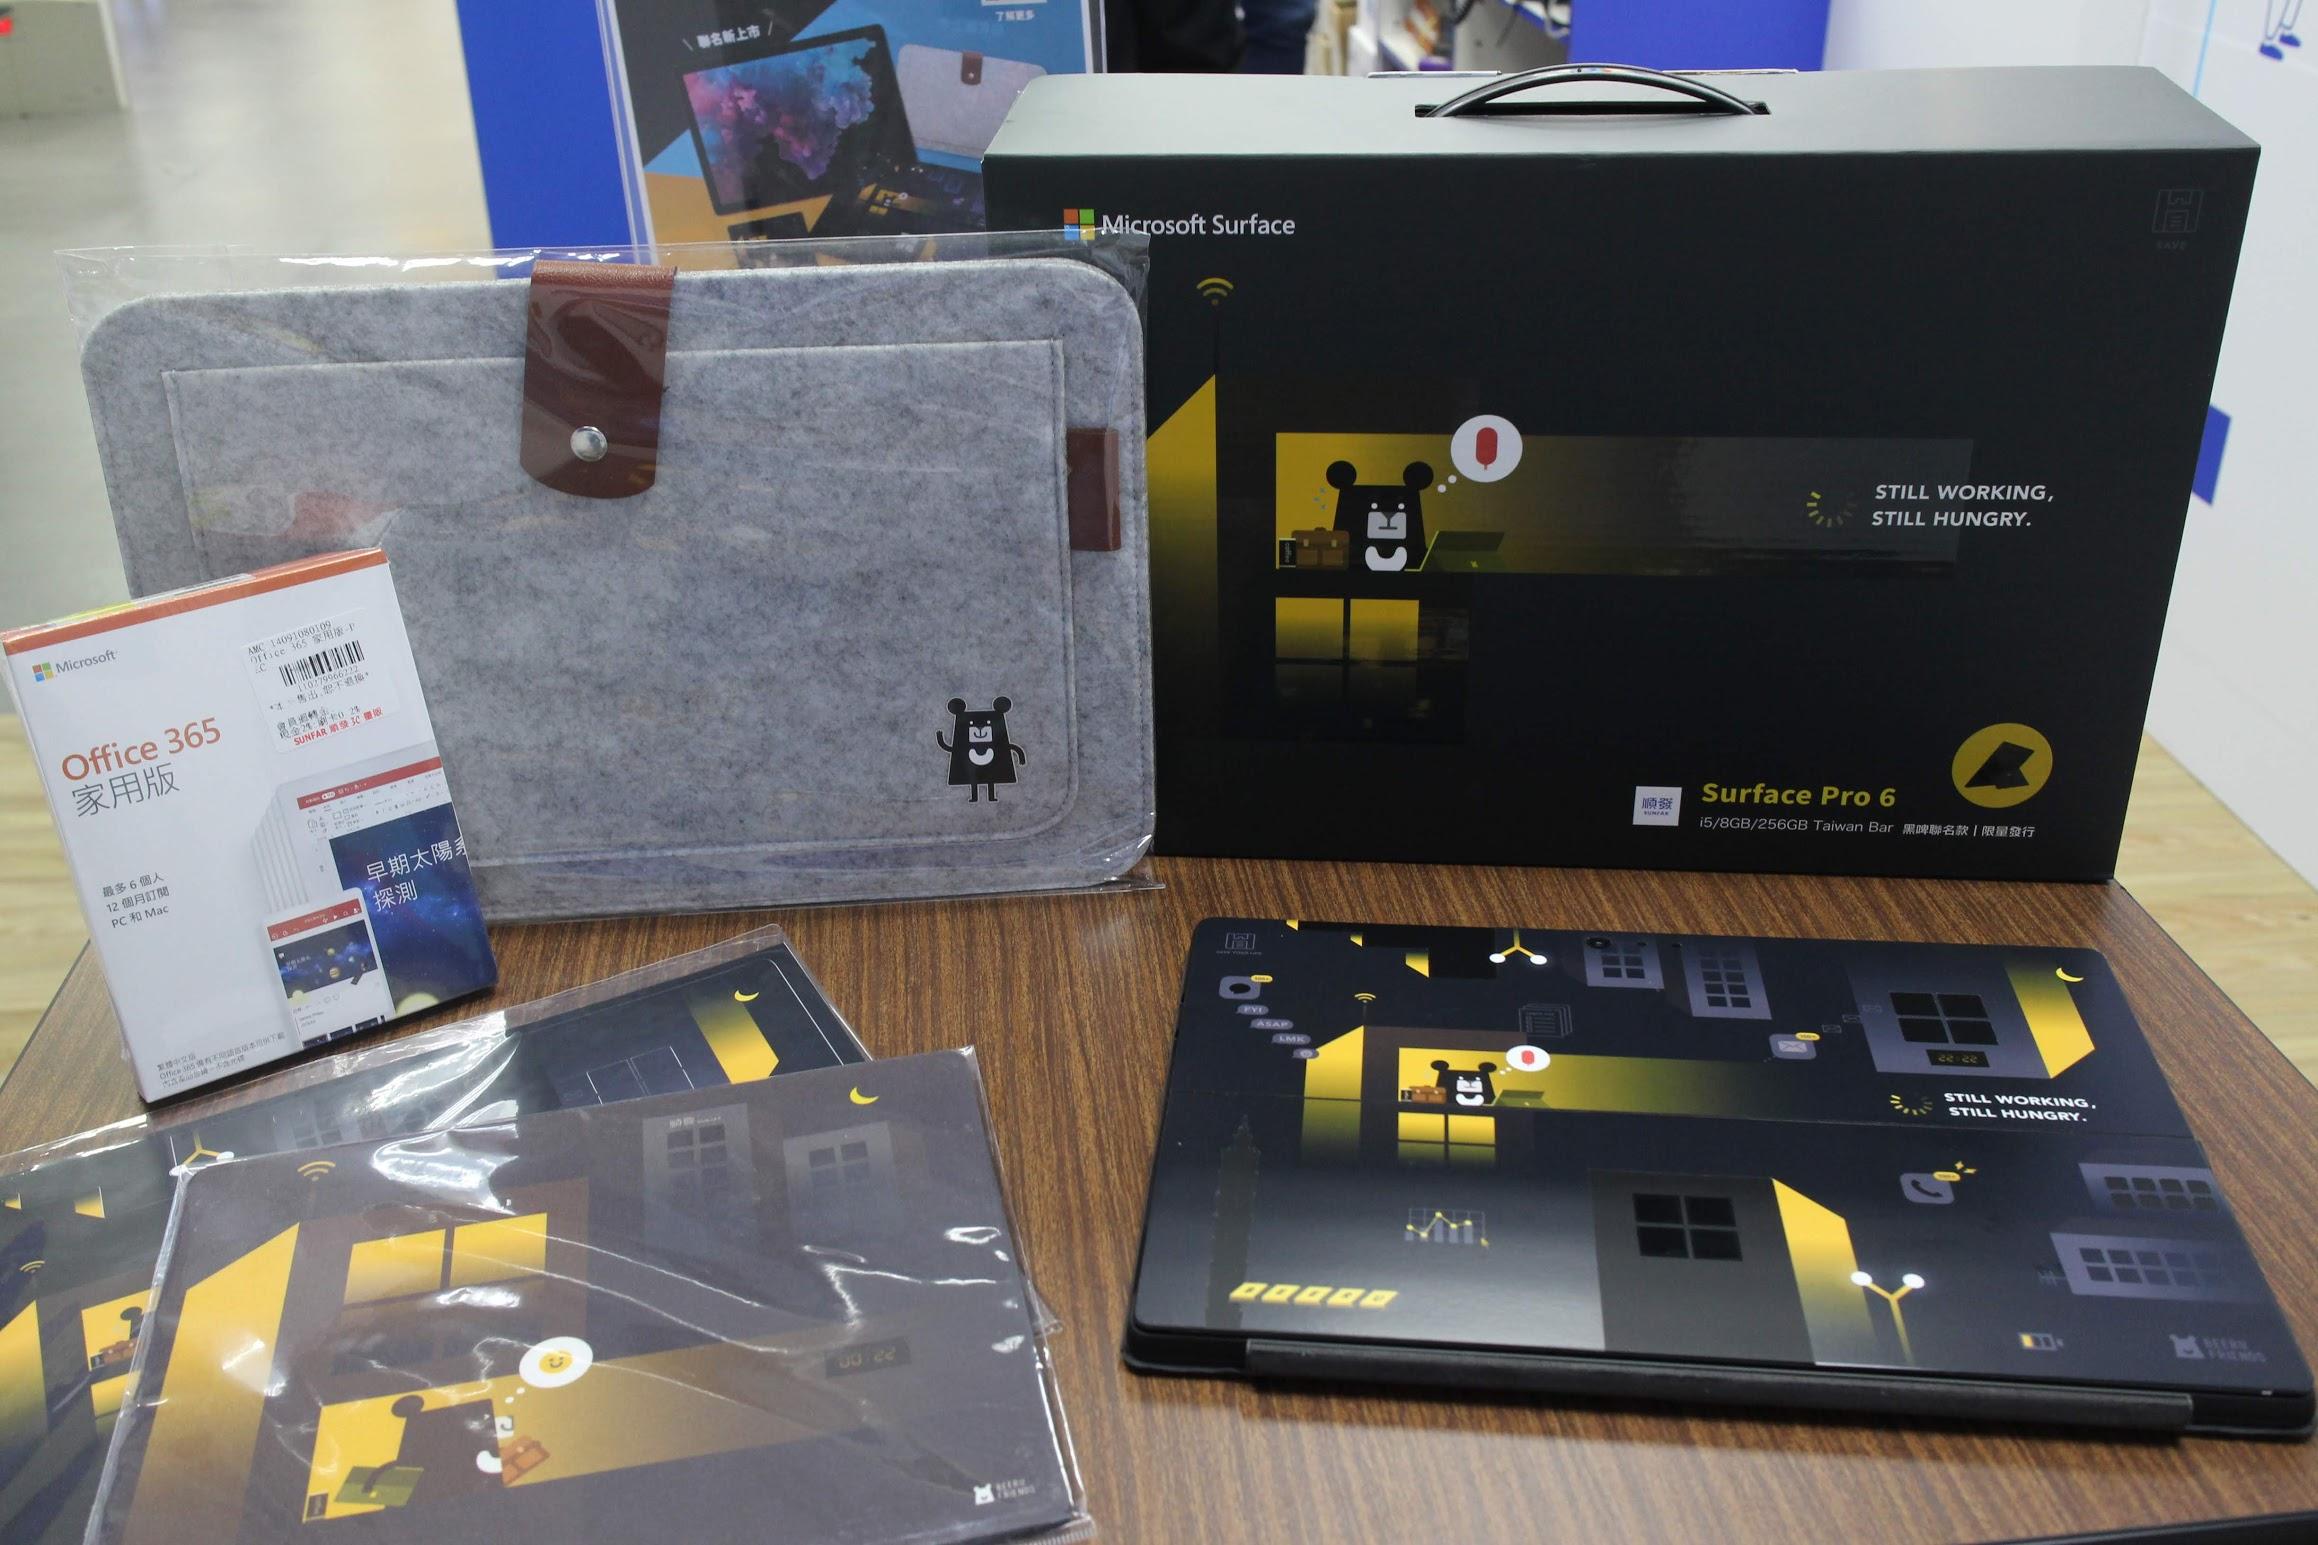 高CP筆電|Surface Pro 6 黑啤聯名款-順發3C獨家限定,只有順發買的到唷 @秤瓶樂遊遊